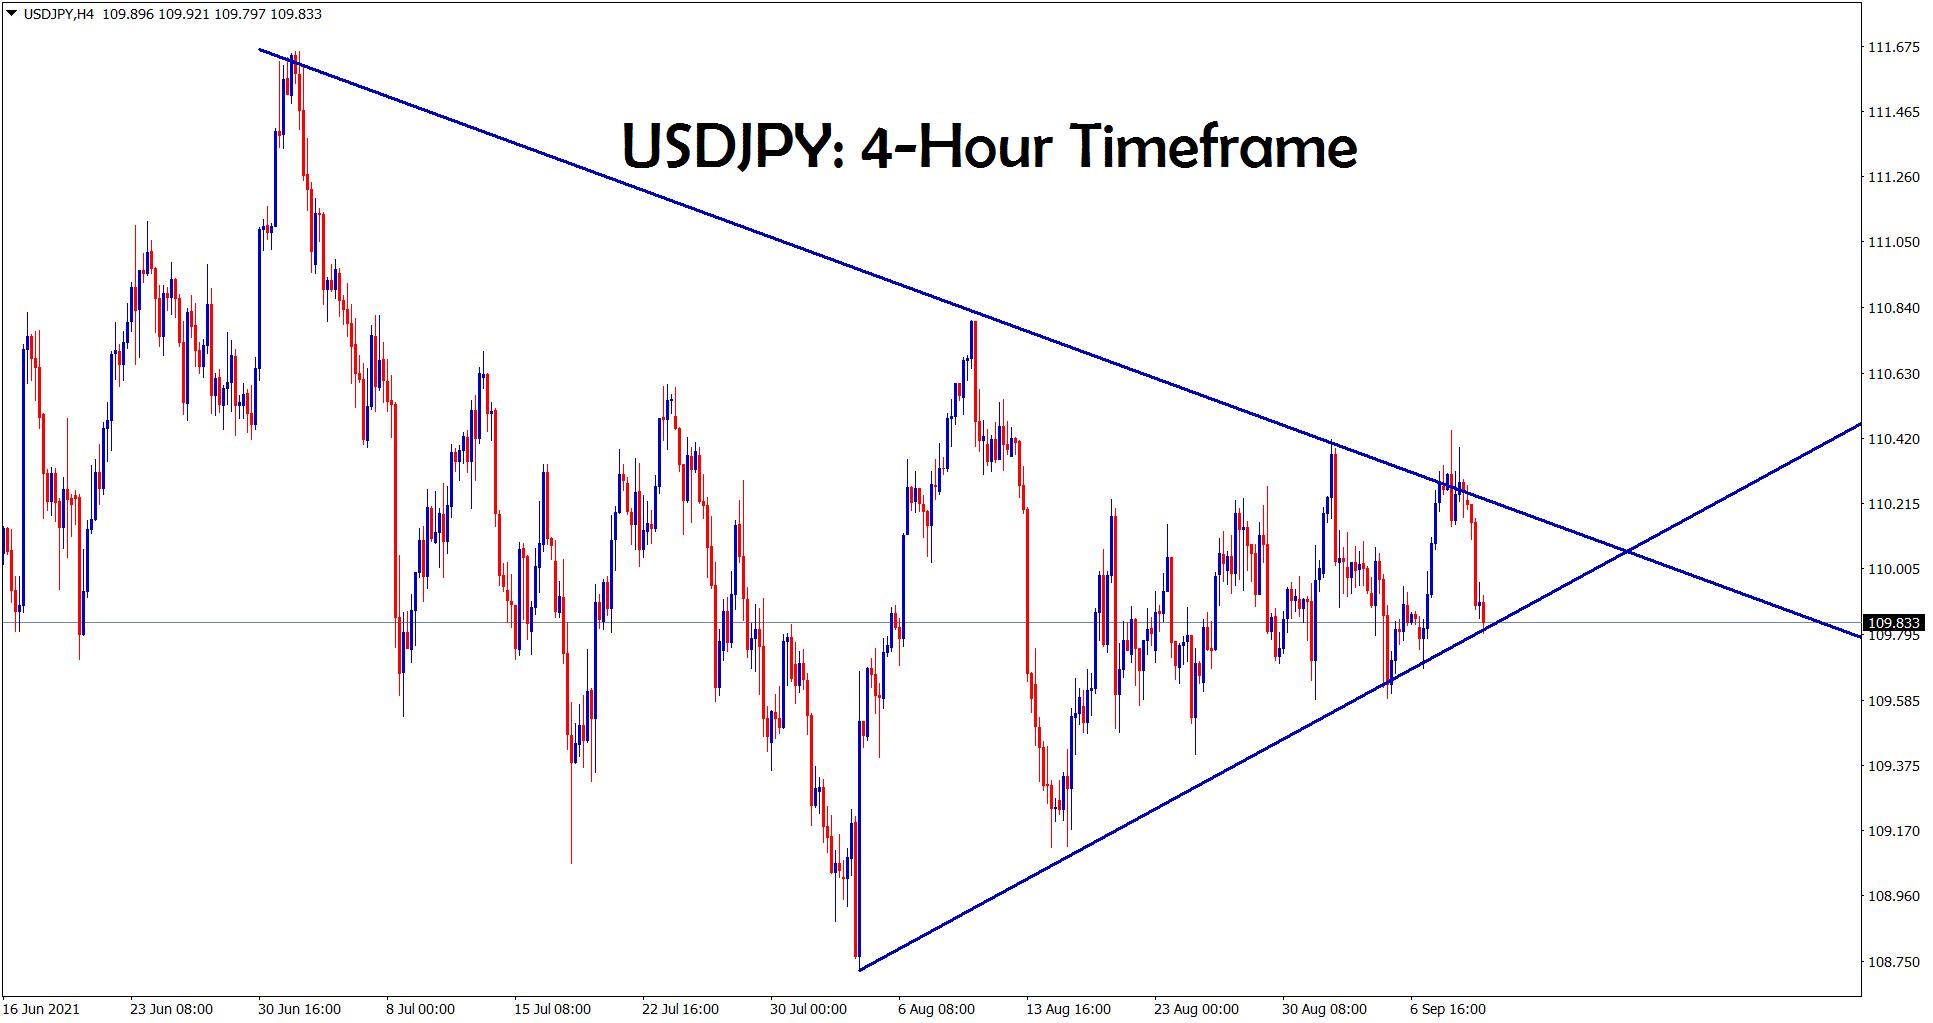 USDJPY is going to break the symmetrical triangle pattern soon